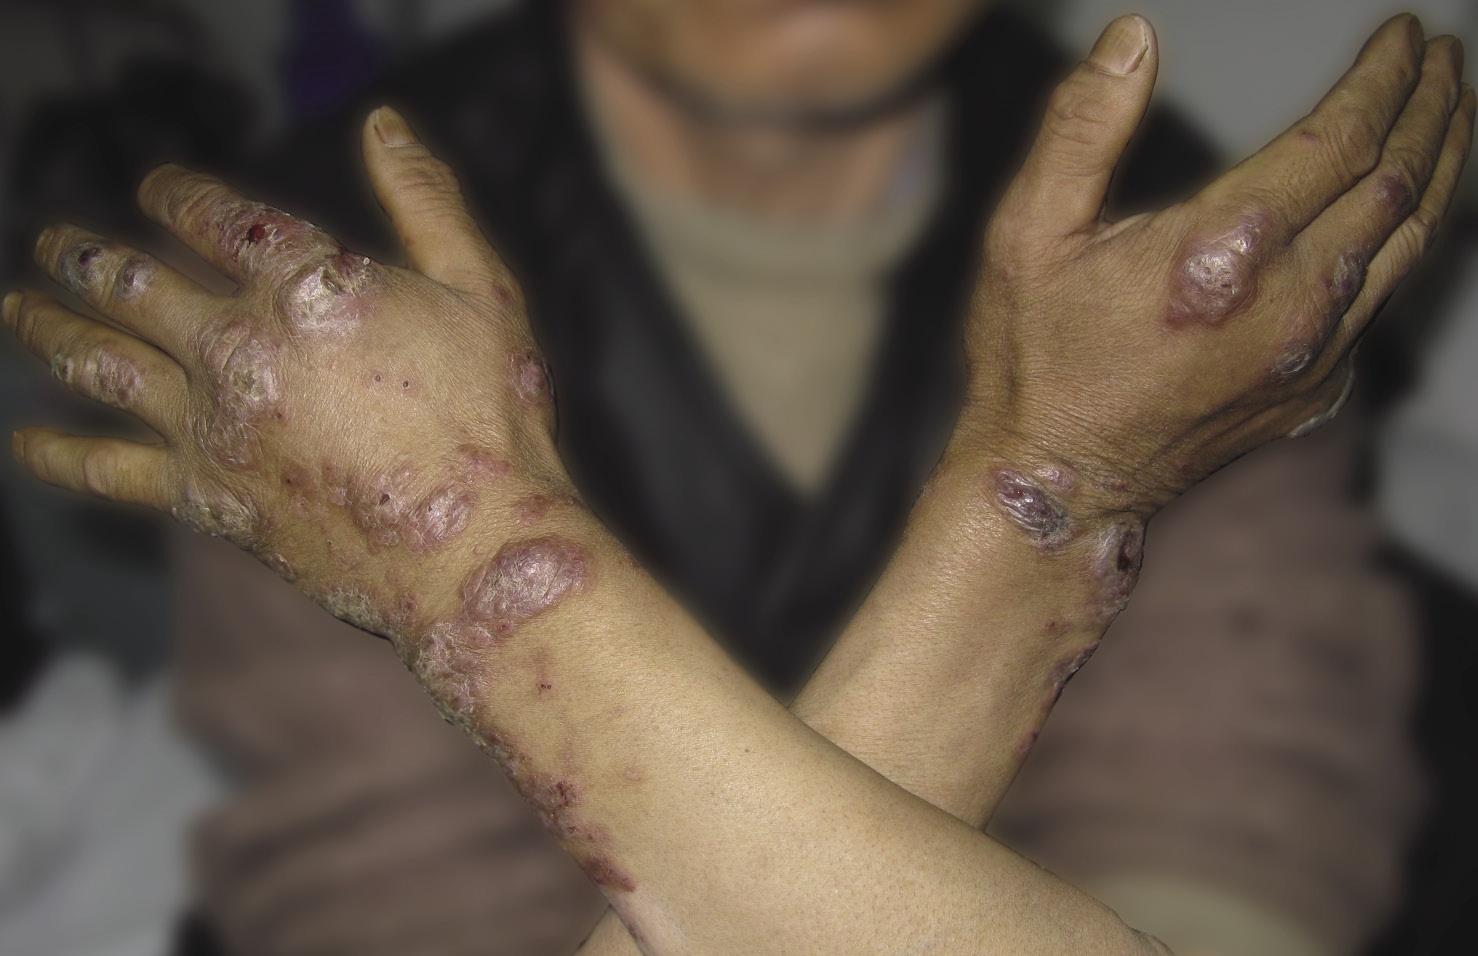 持久性隆起性红斑,血管炎,皮肤血管炎